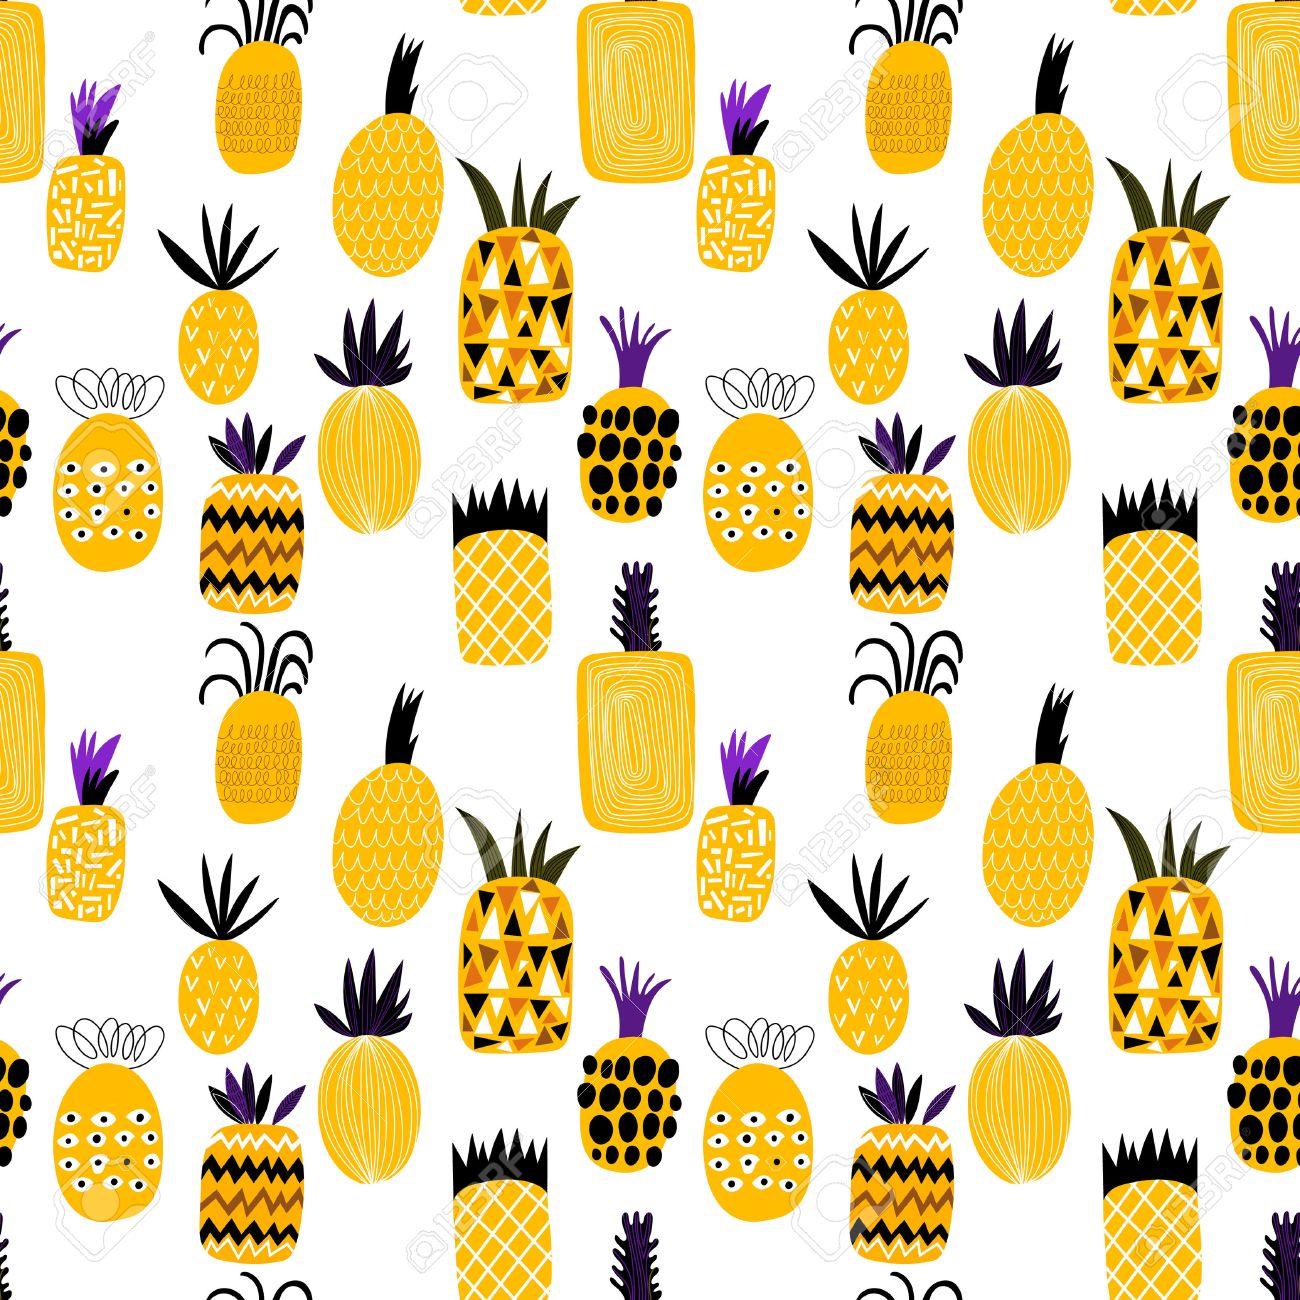 夏パイナップル フルーツ イラスト背景パターン。シームレス パターン